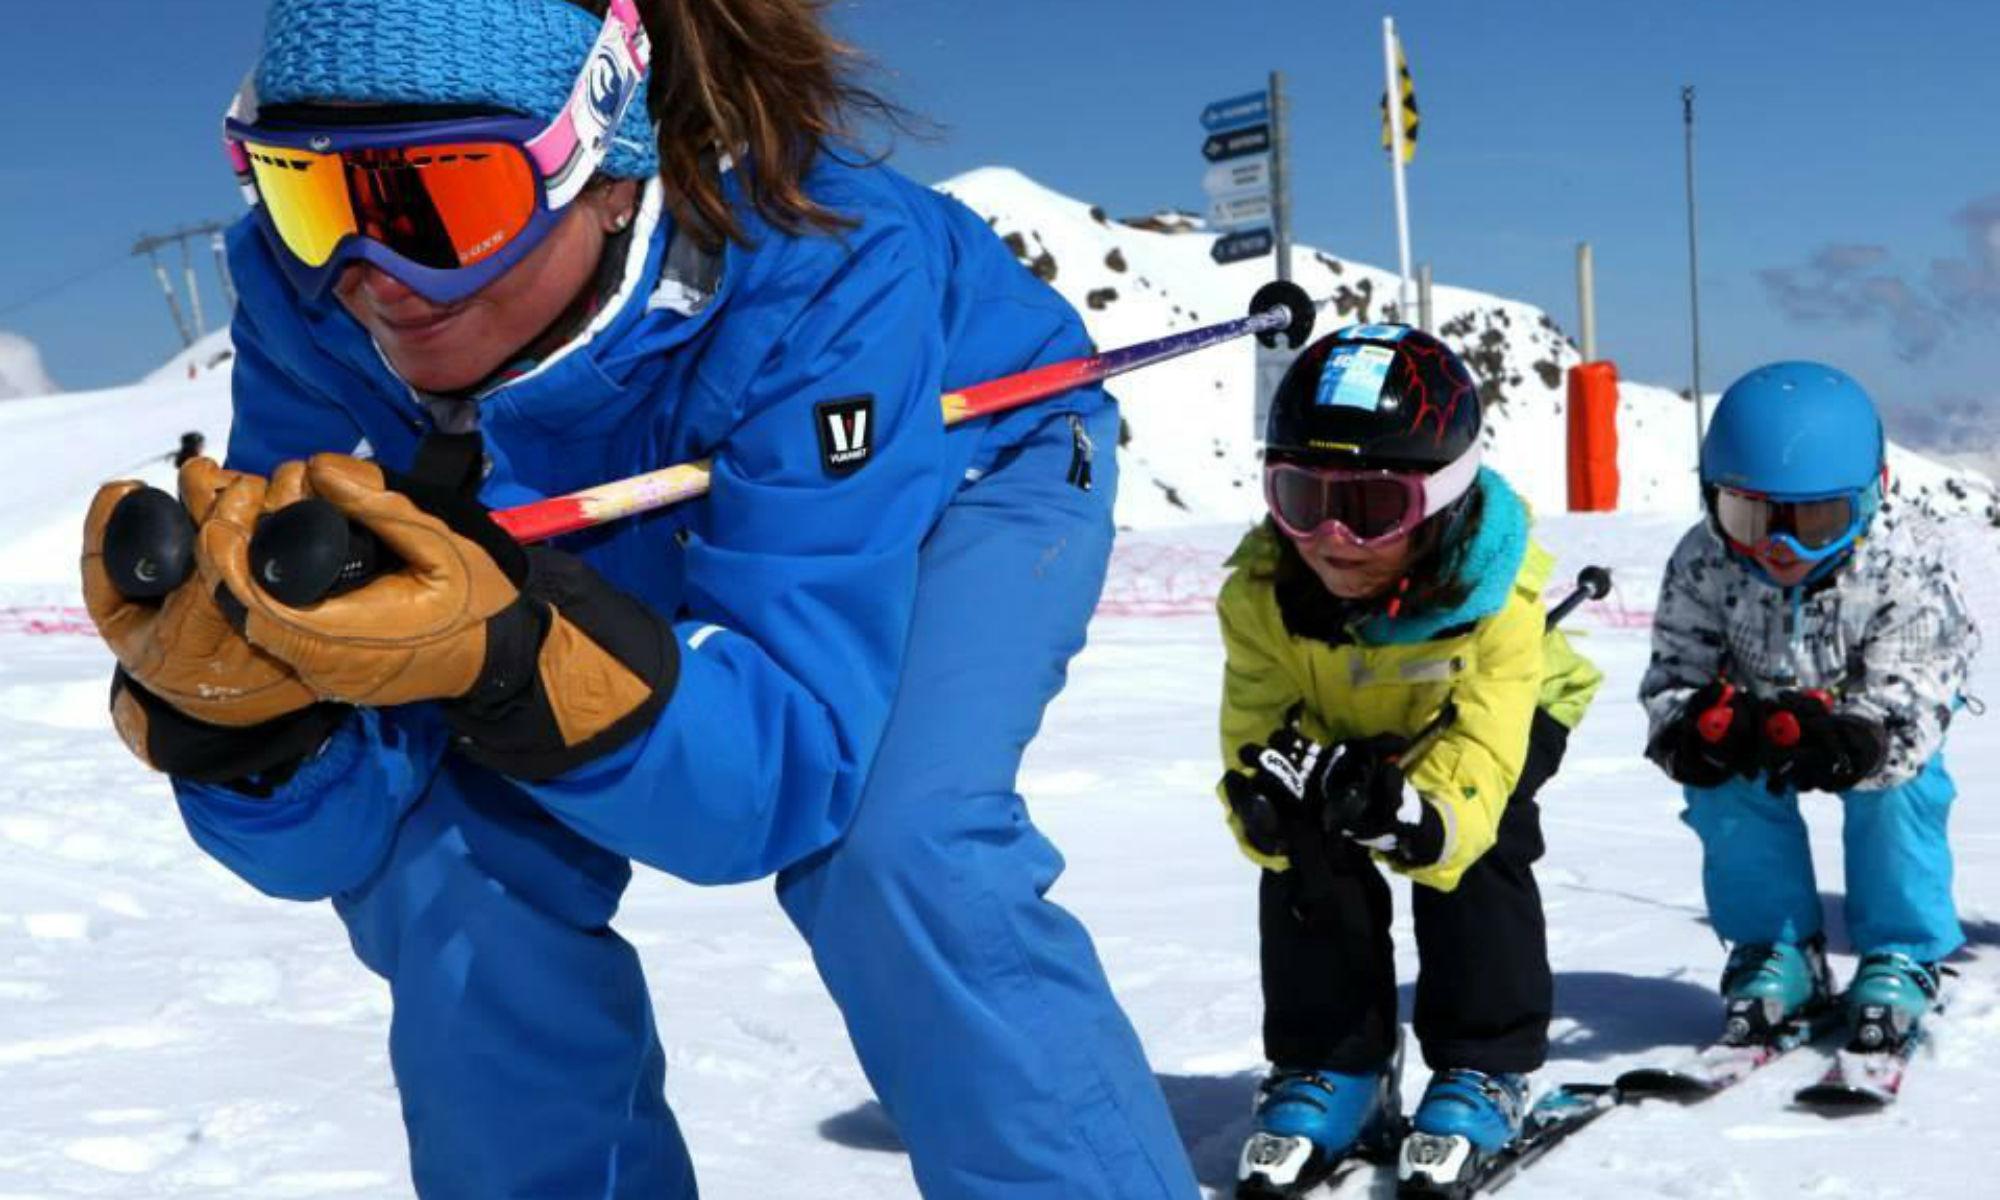 Die Skilehrerin und 3 Kinder stehen vor dem Bergpanorama des Skigebiets Les 3 Vallées und grinsen in die Kamera.